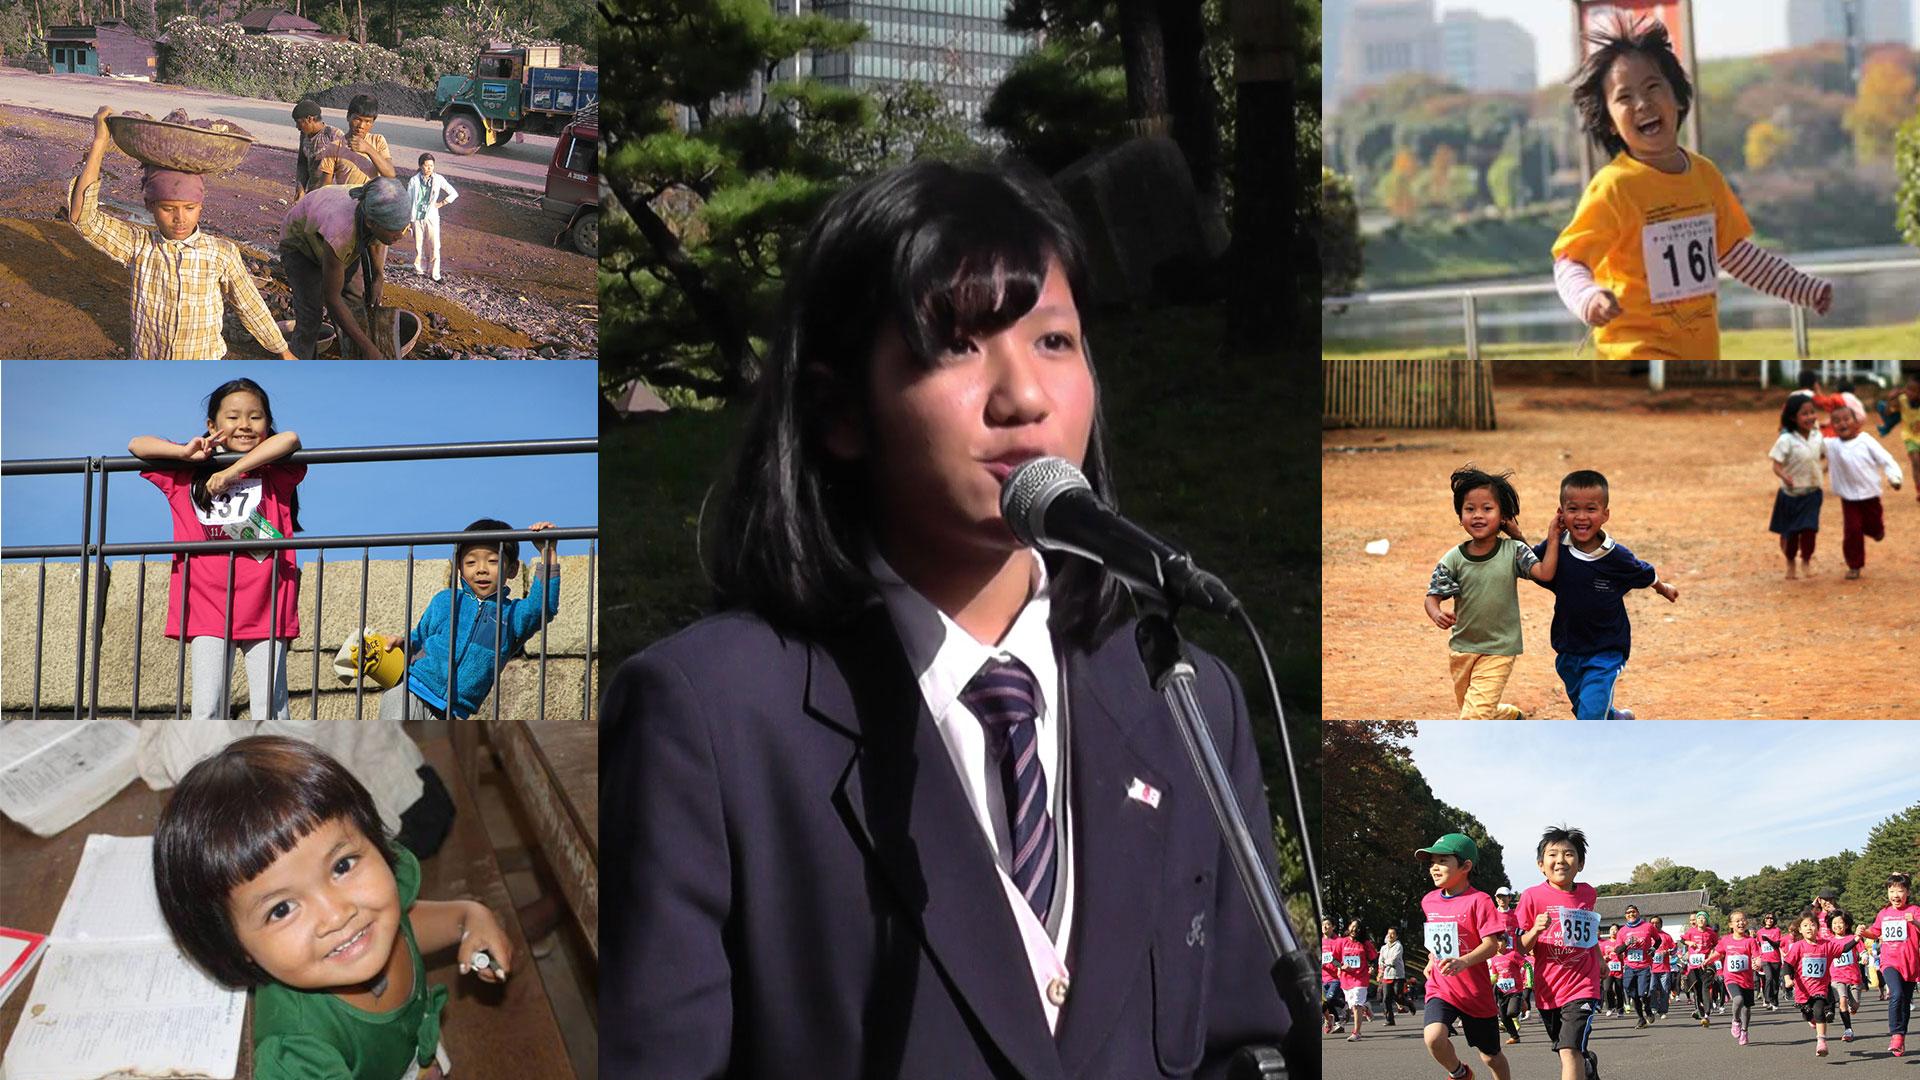 第2回 世界子どもの日 映像スピーチコンテスト